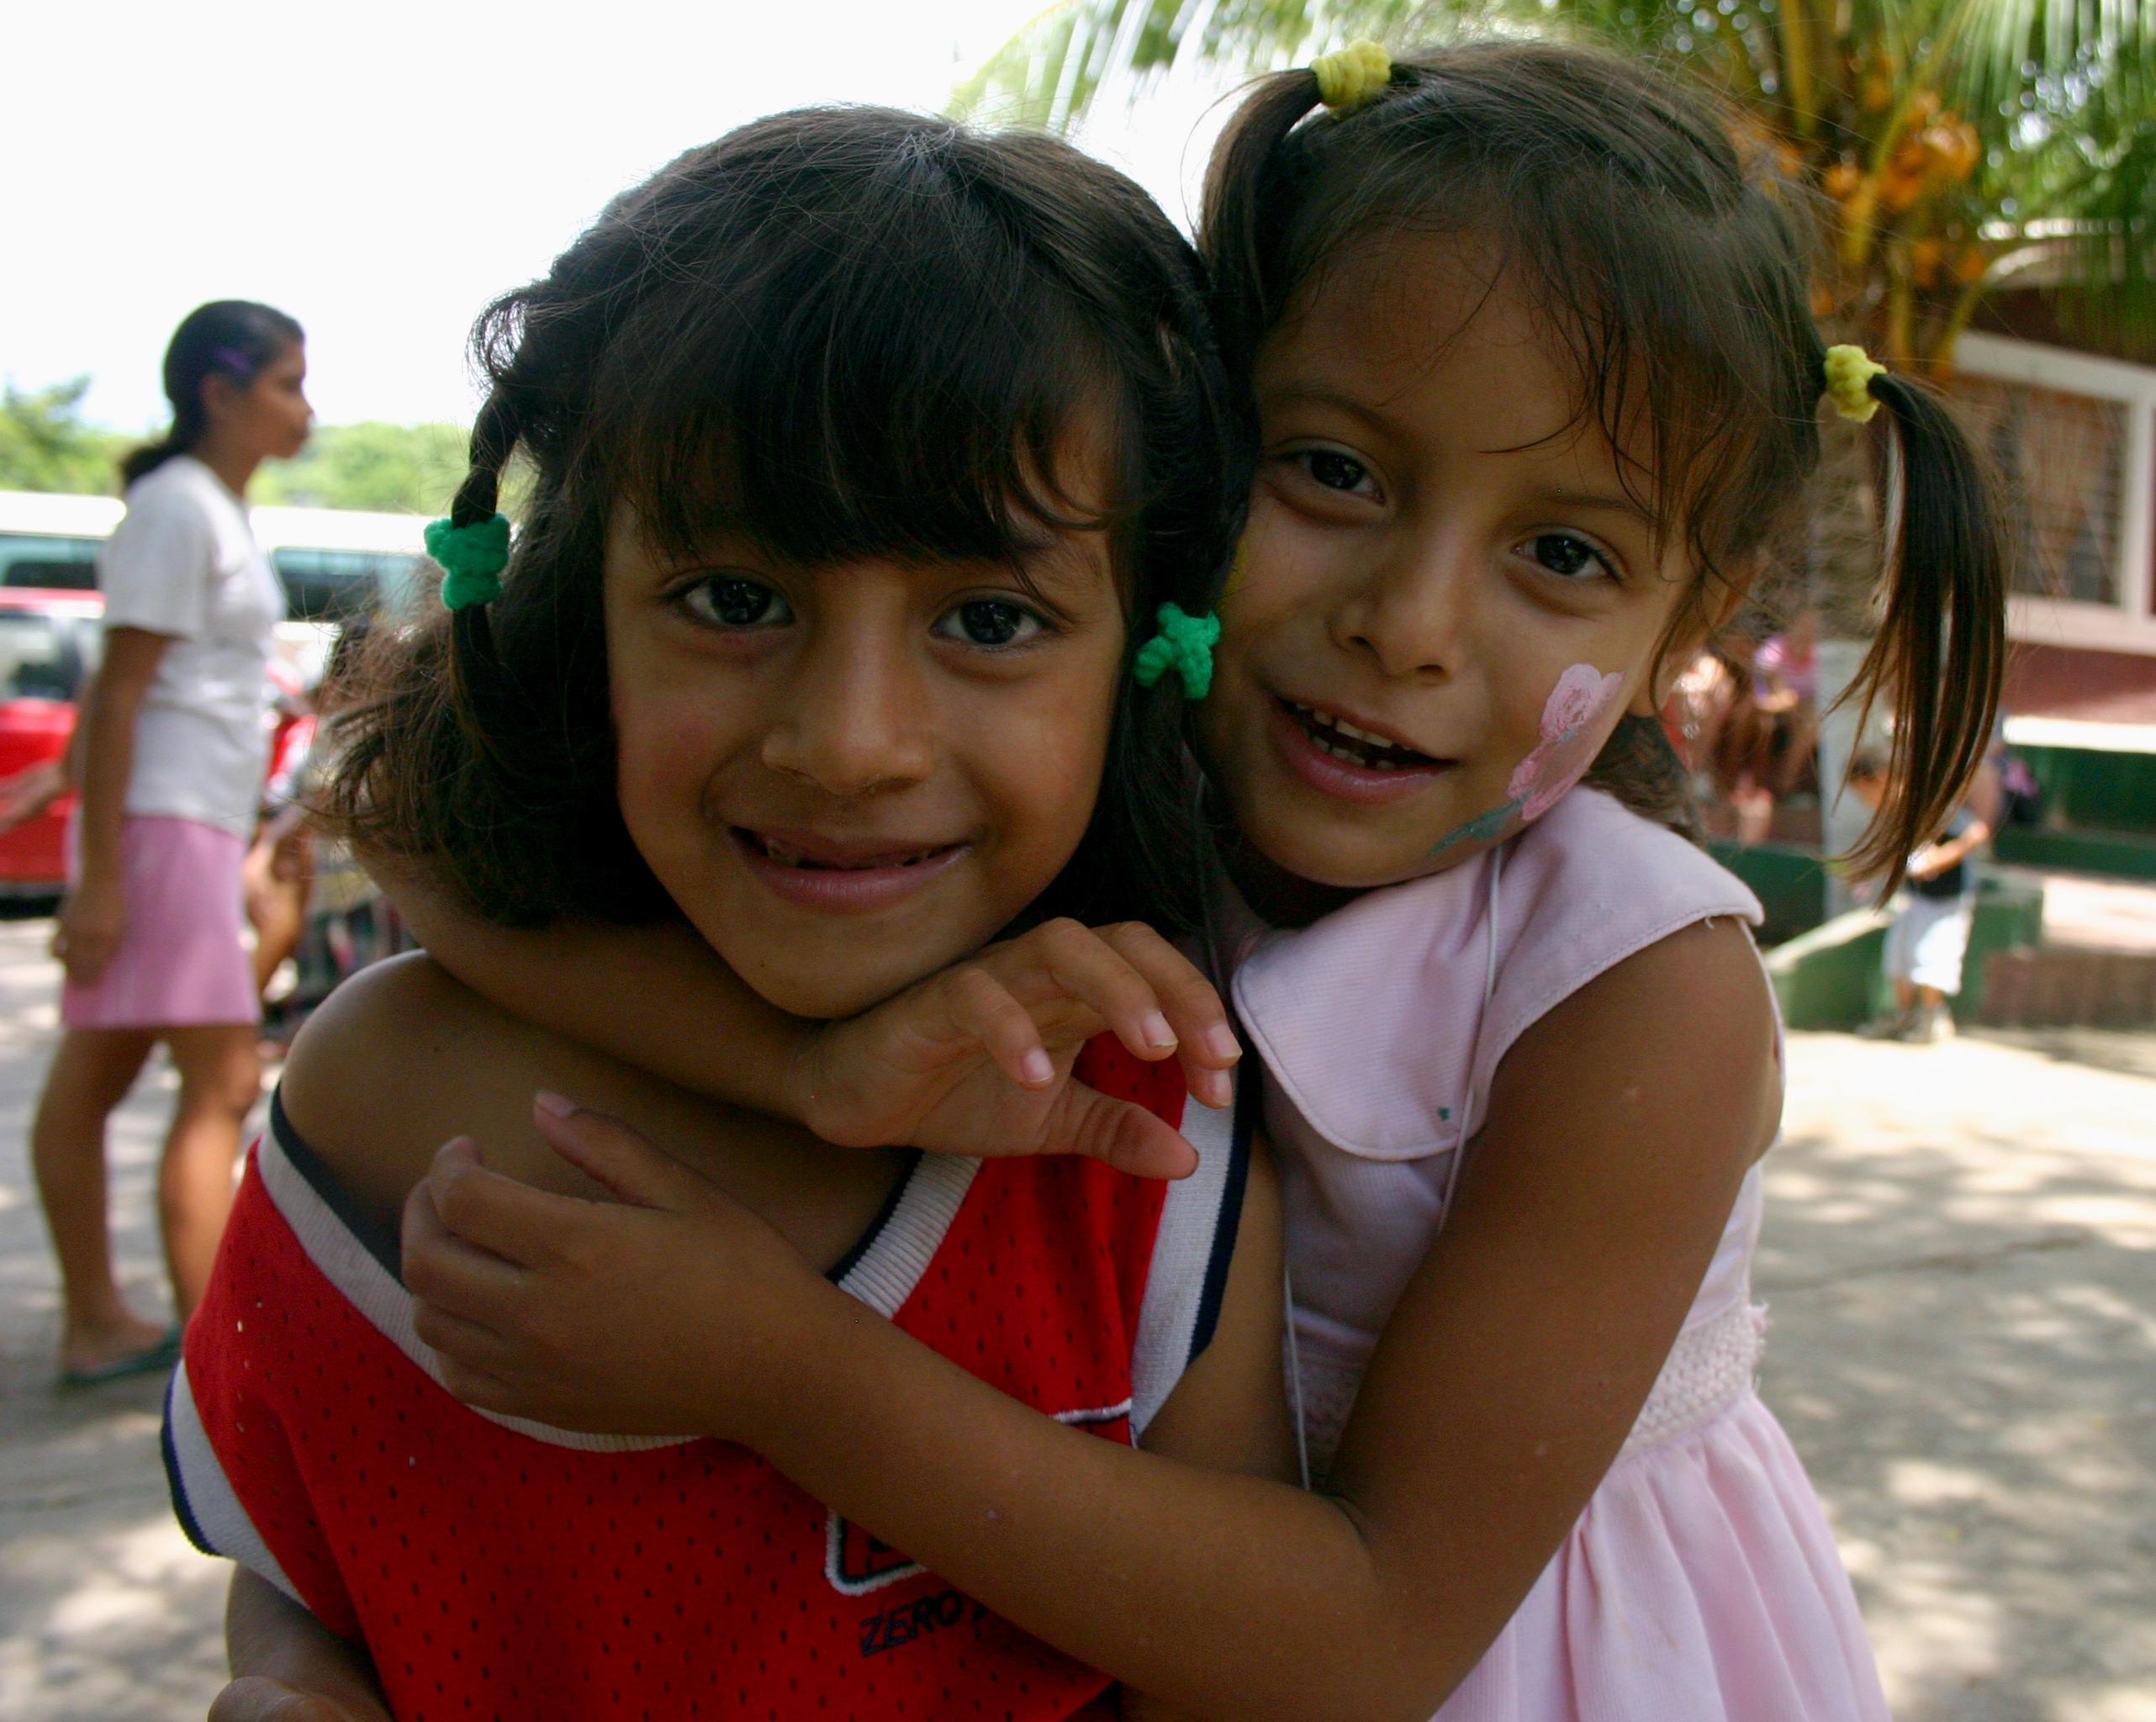 Description two girls, el salvador